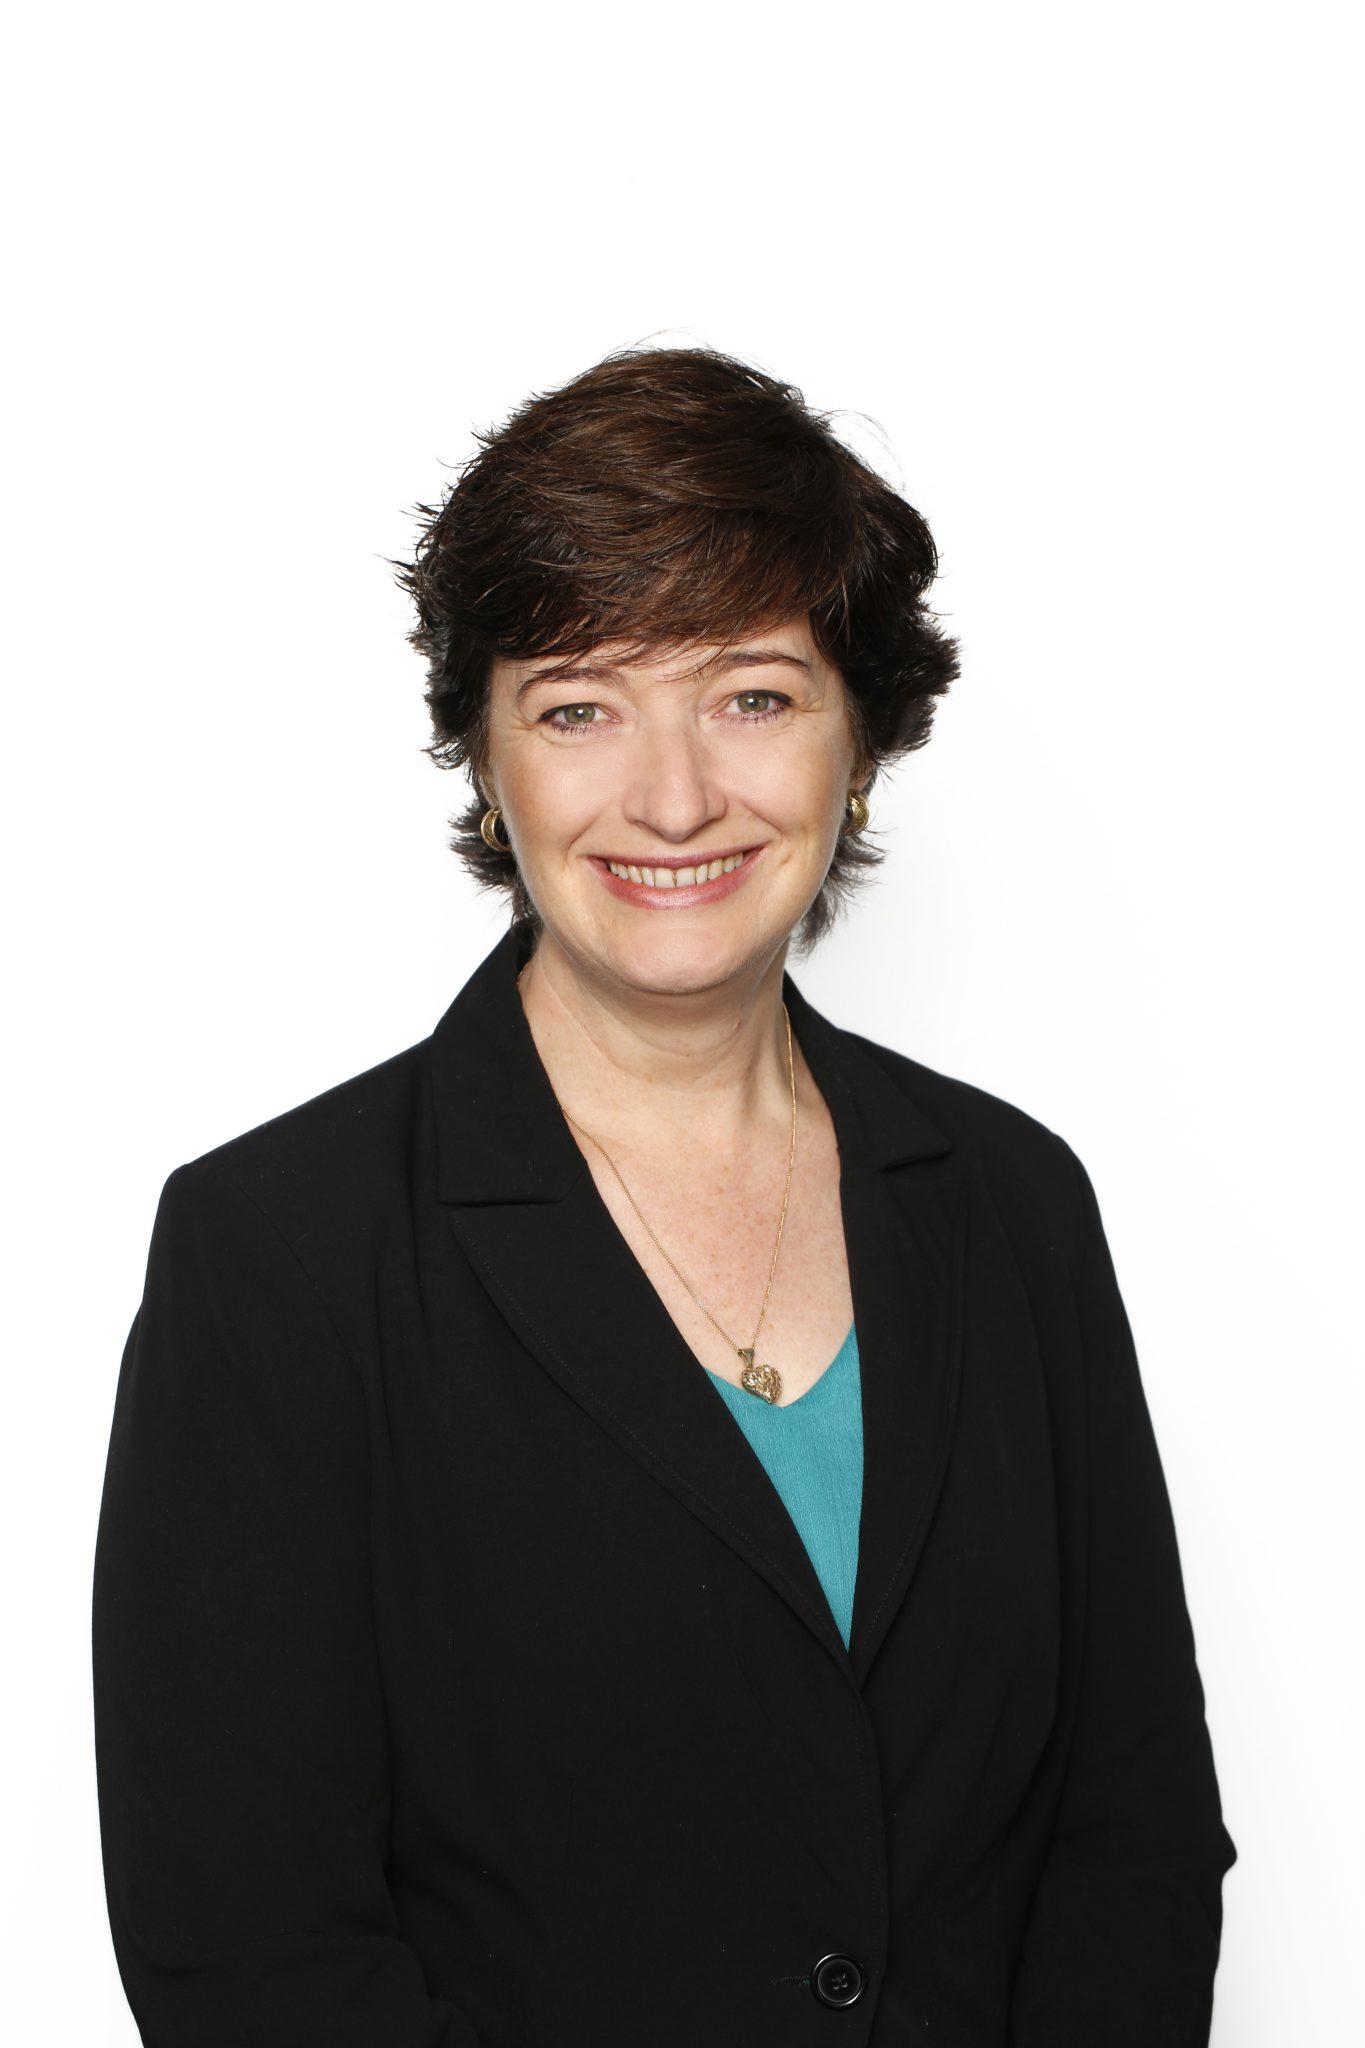 Dina Kroese